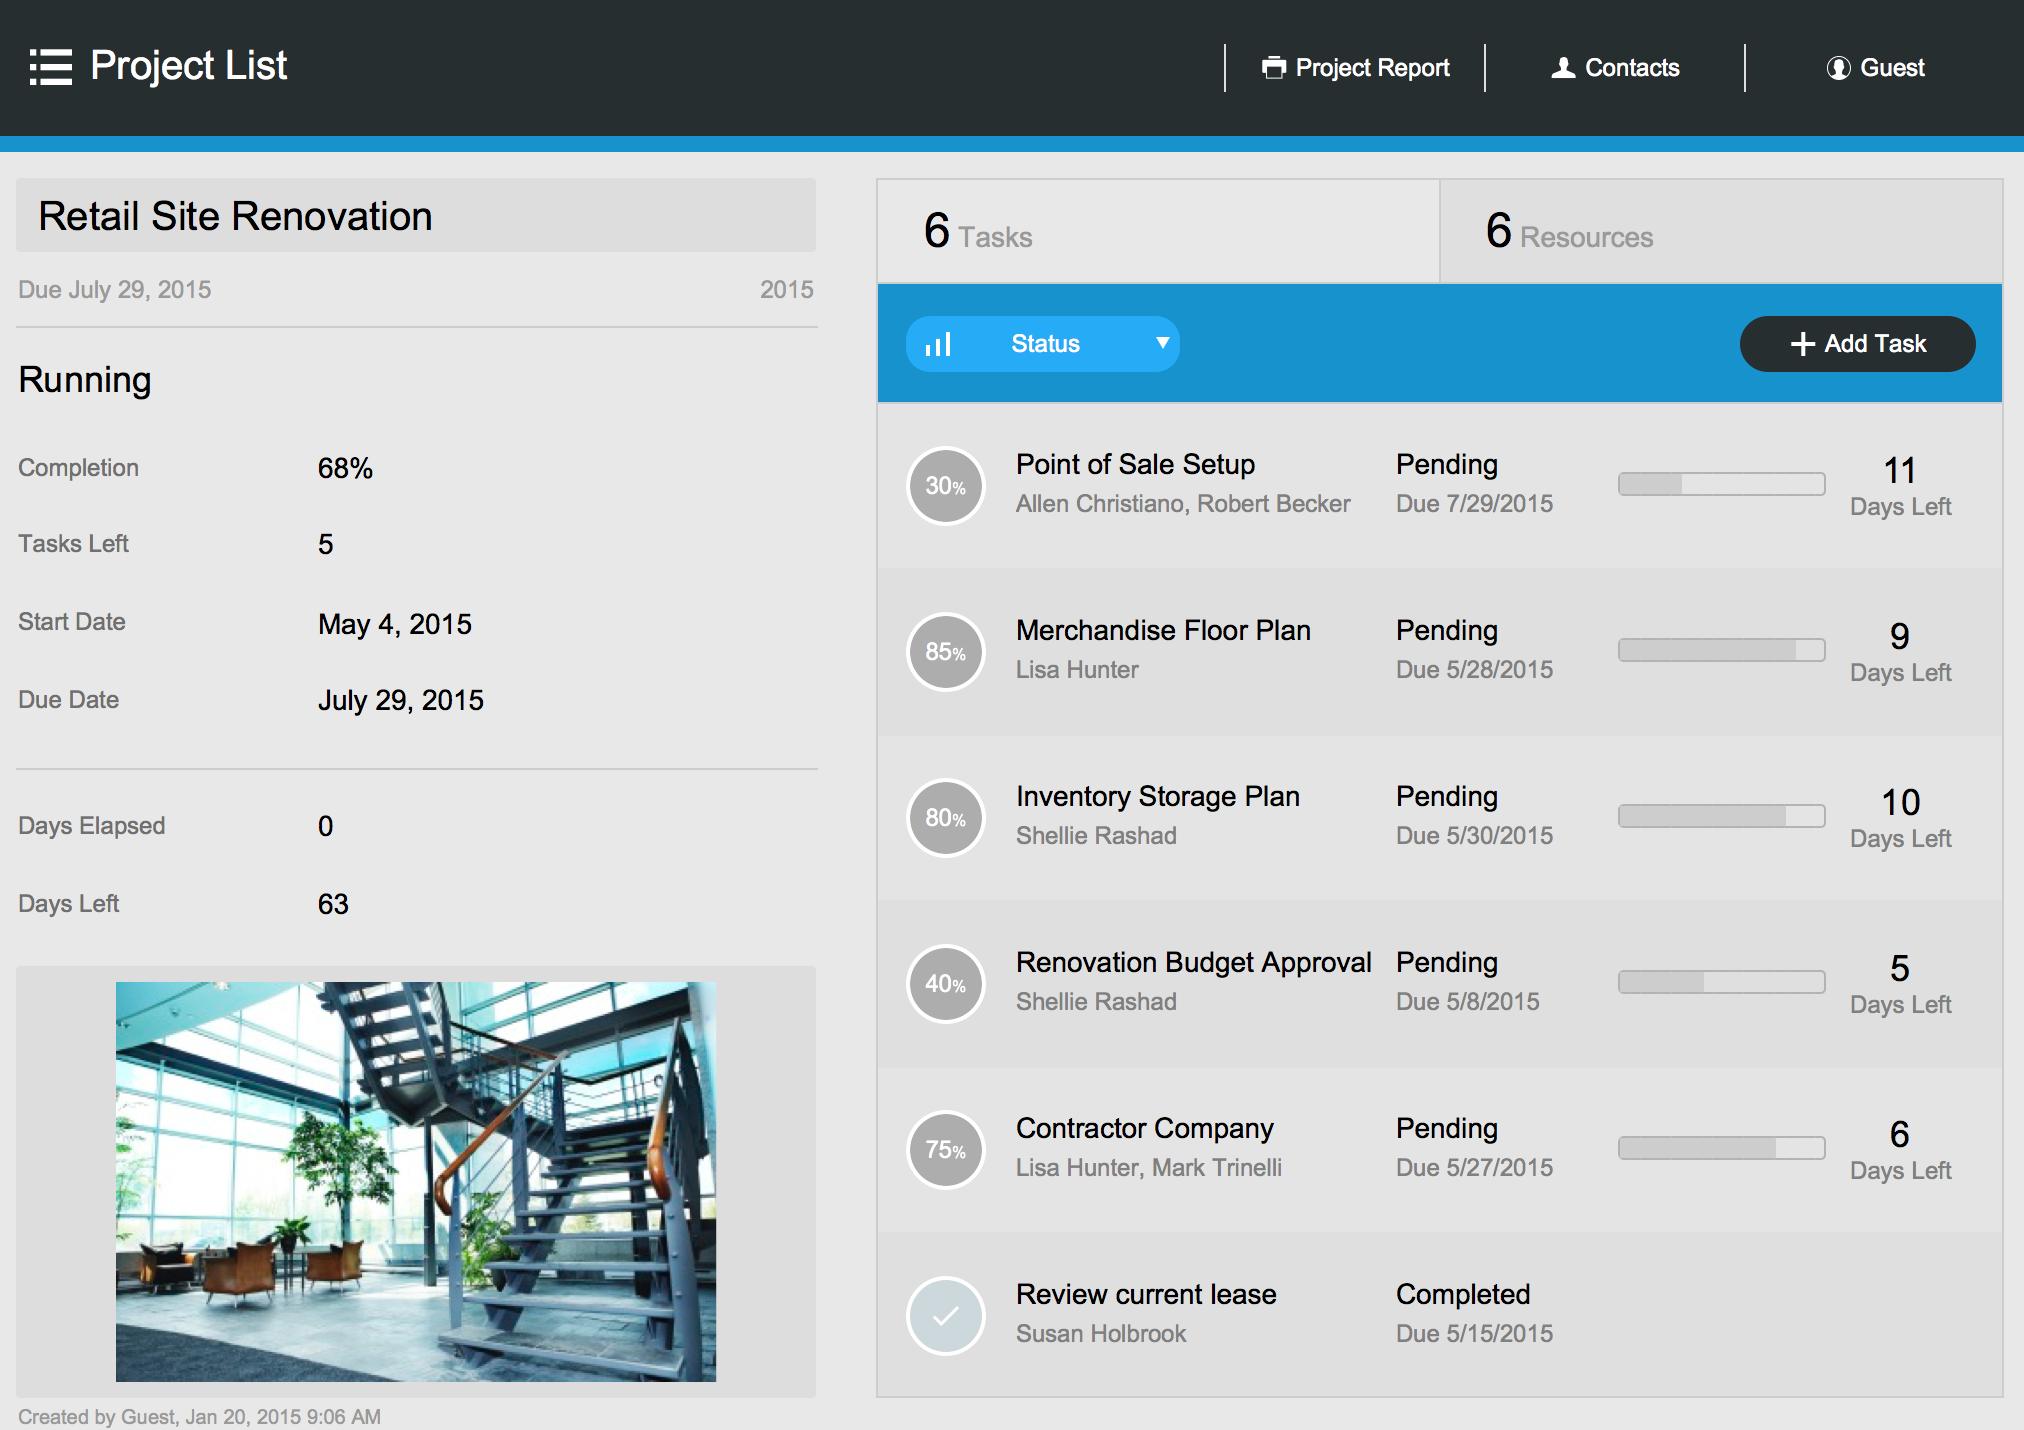 Projects_desktop.png